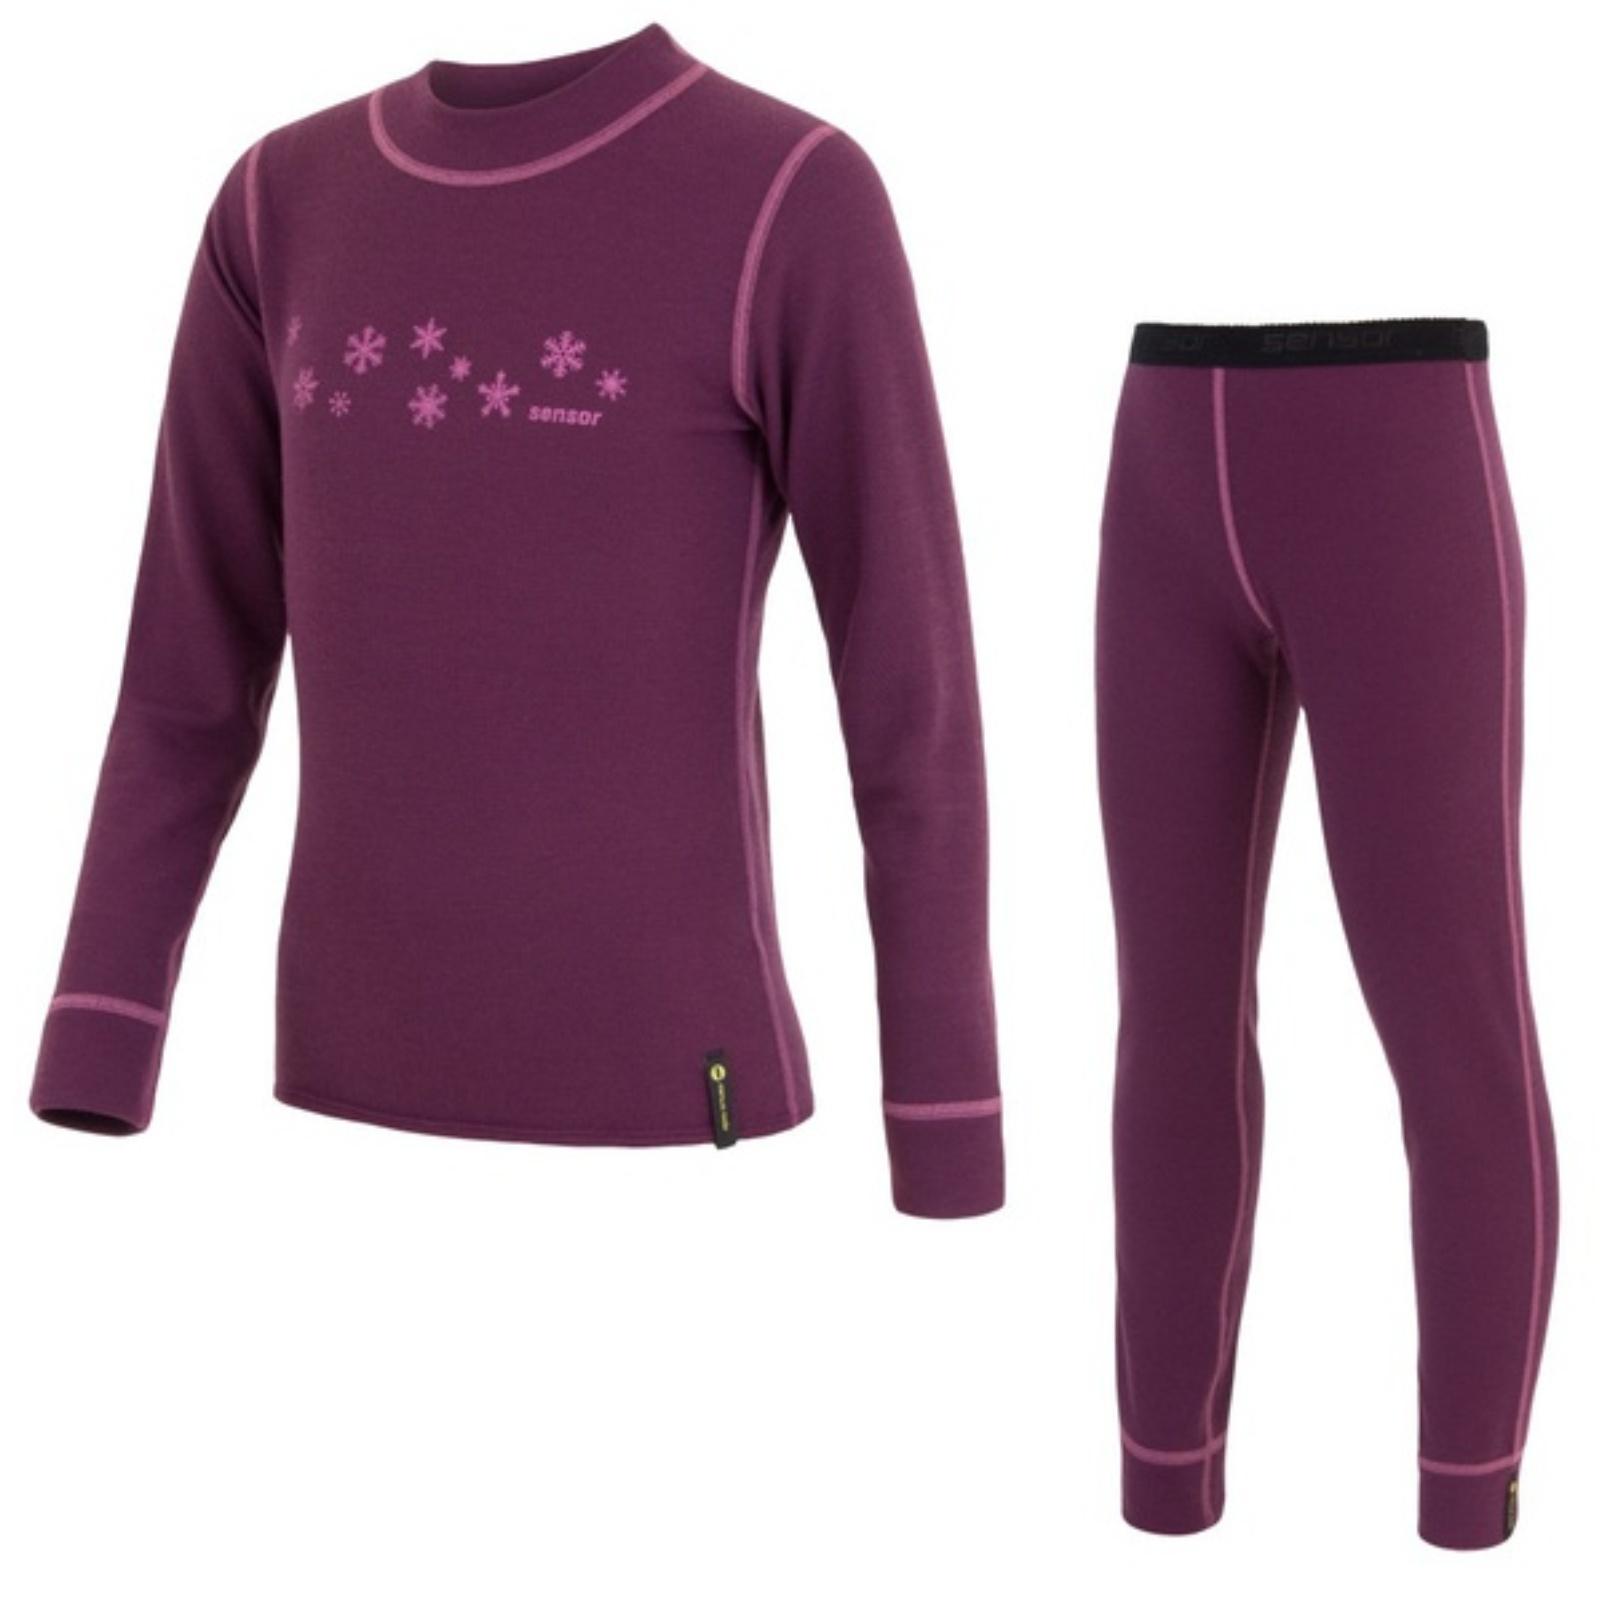 SENSOR DOUBLE FACE dětský komplet triko spodky vločky fialová